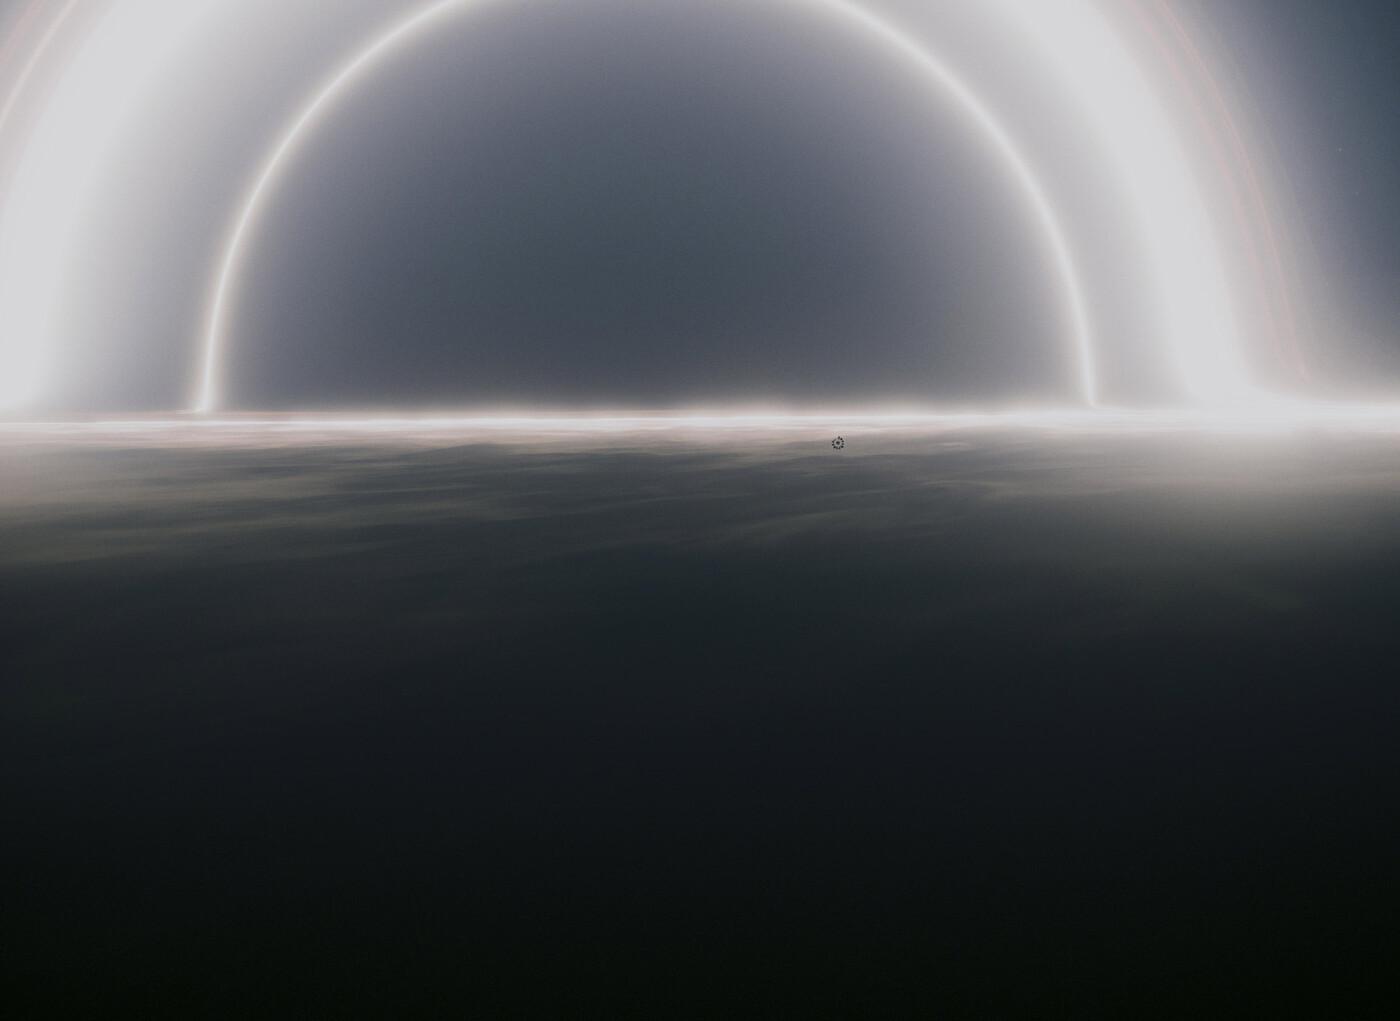 Interstellar_render.ru.jpg